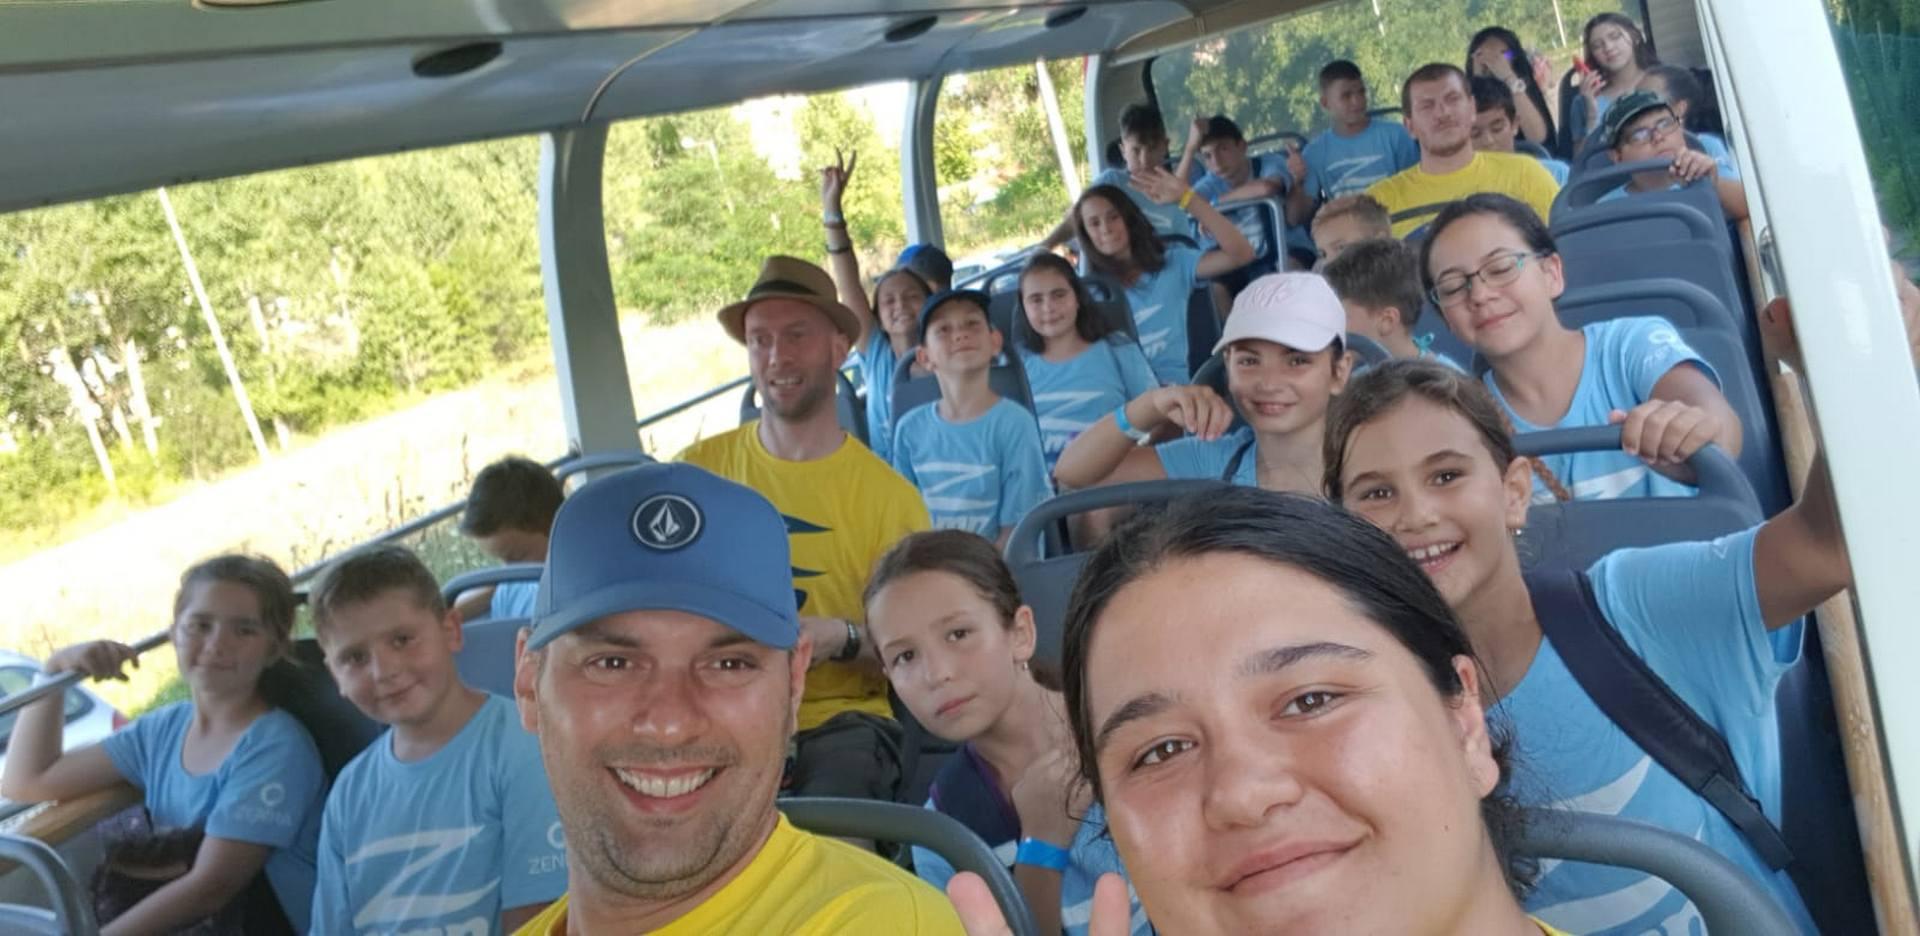 Z_camp_excursion_bus1